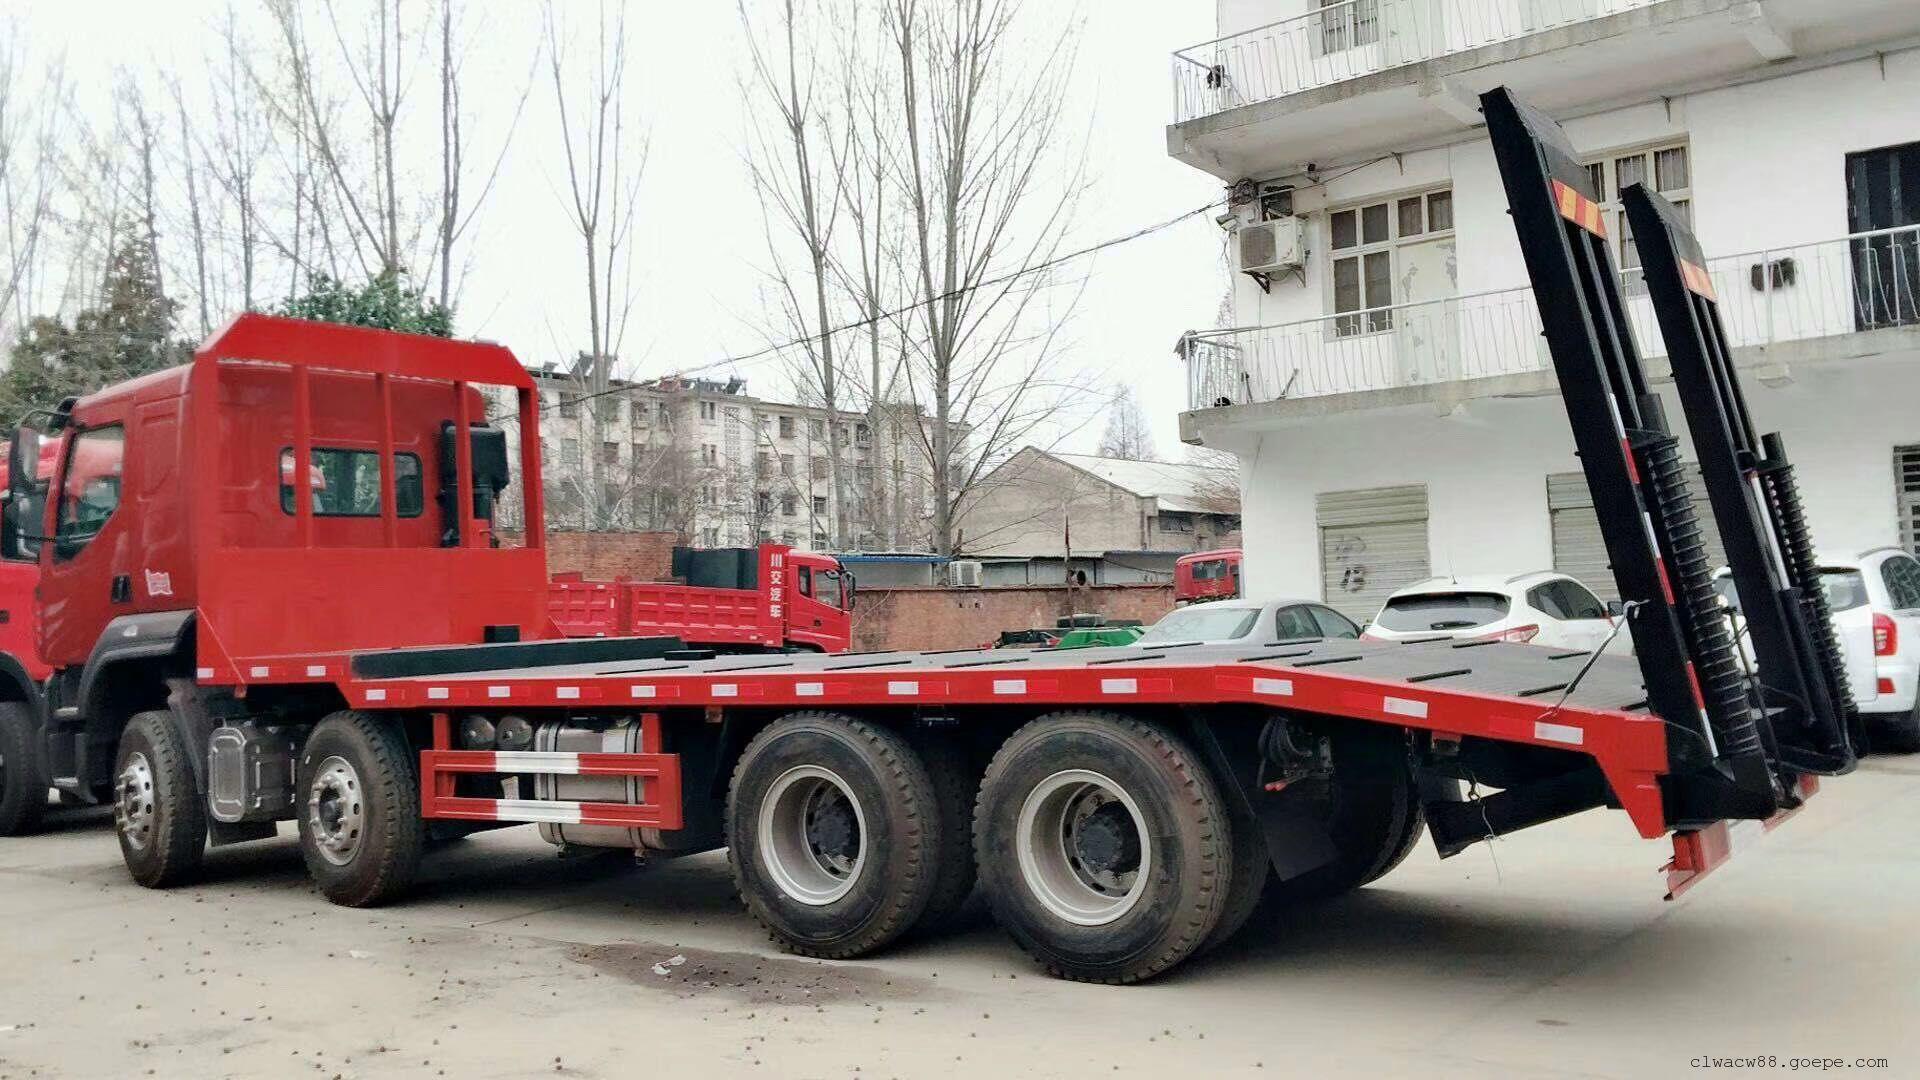 东风柳汽前四后八挖掘机拖车 可以分期付款